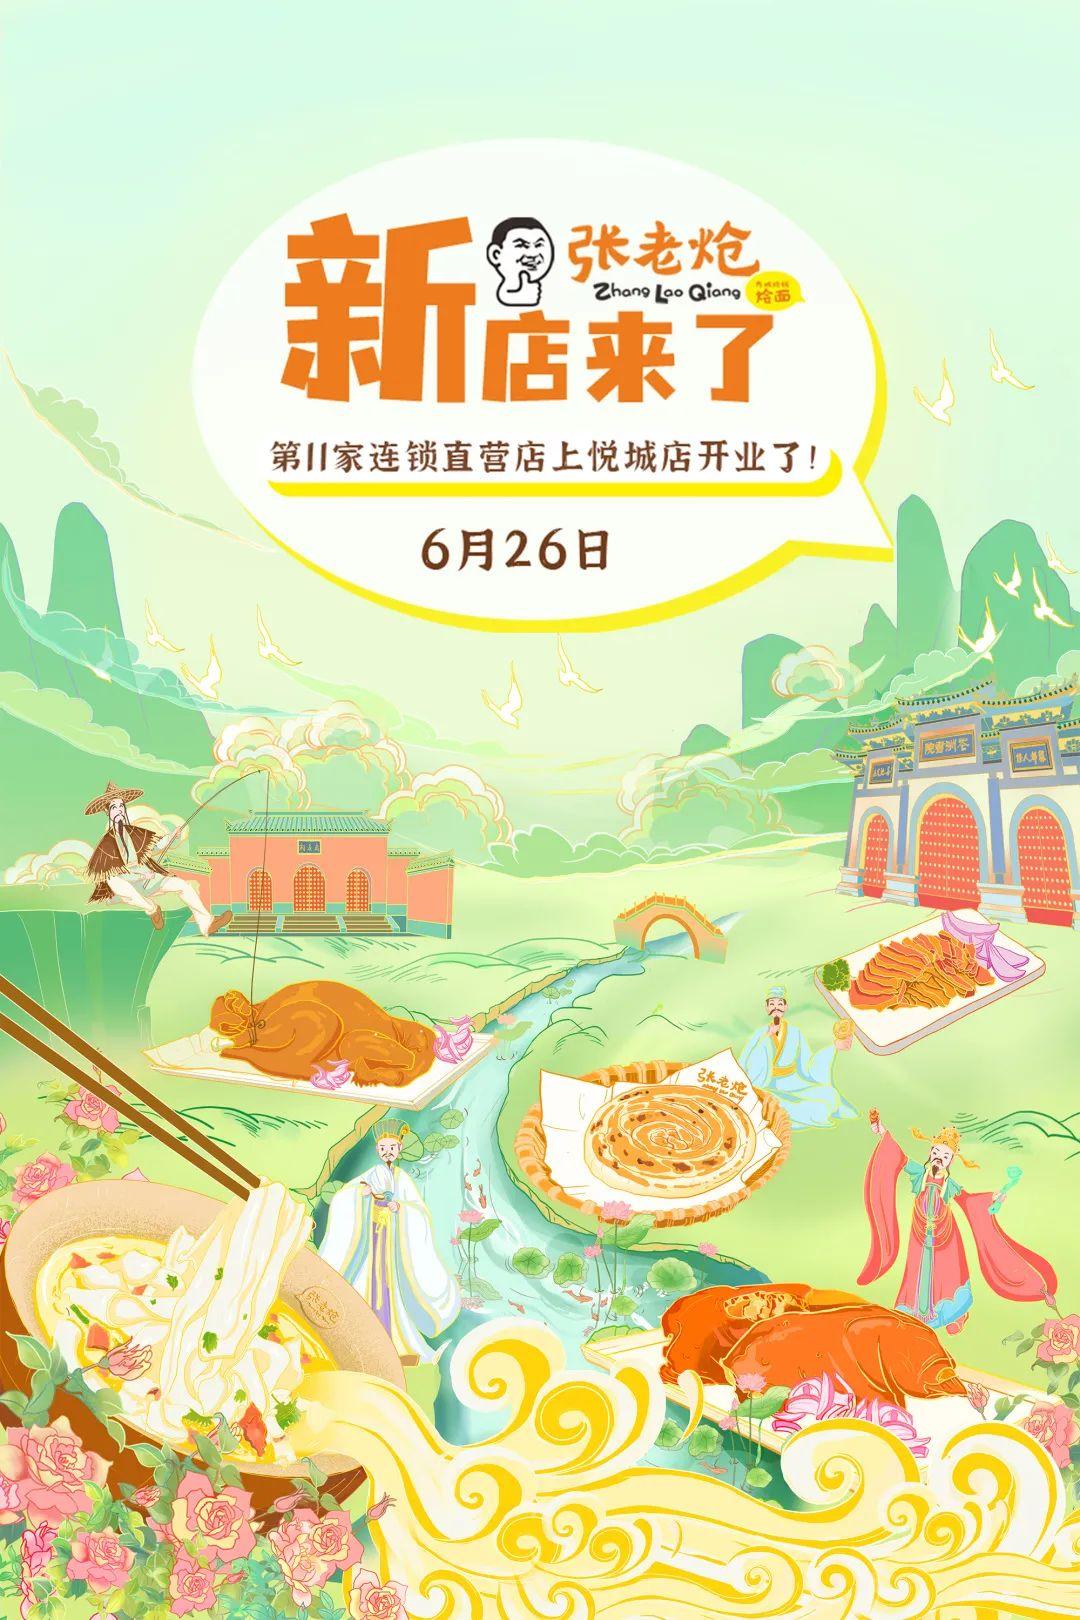 张老炝上悦城店盛夏来袭!11店连庆